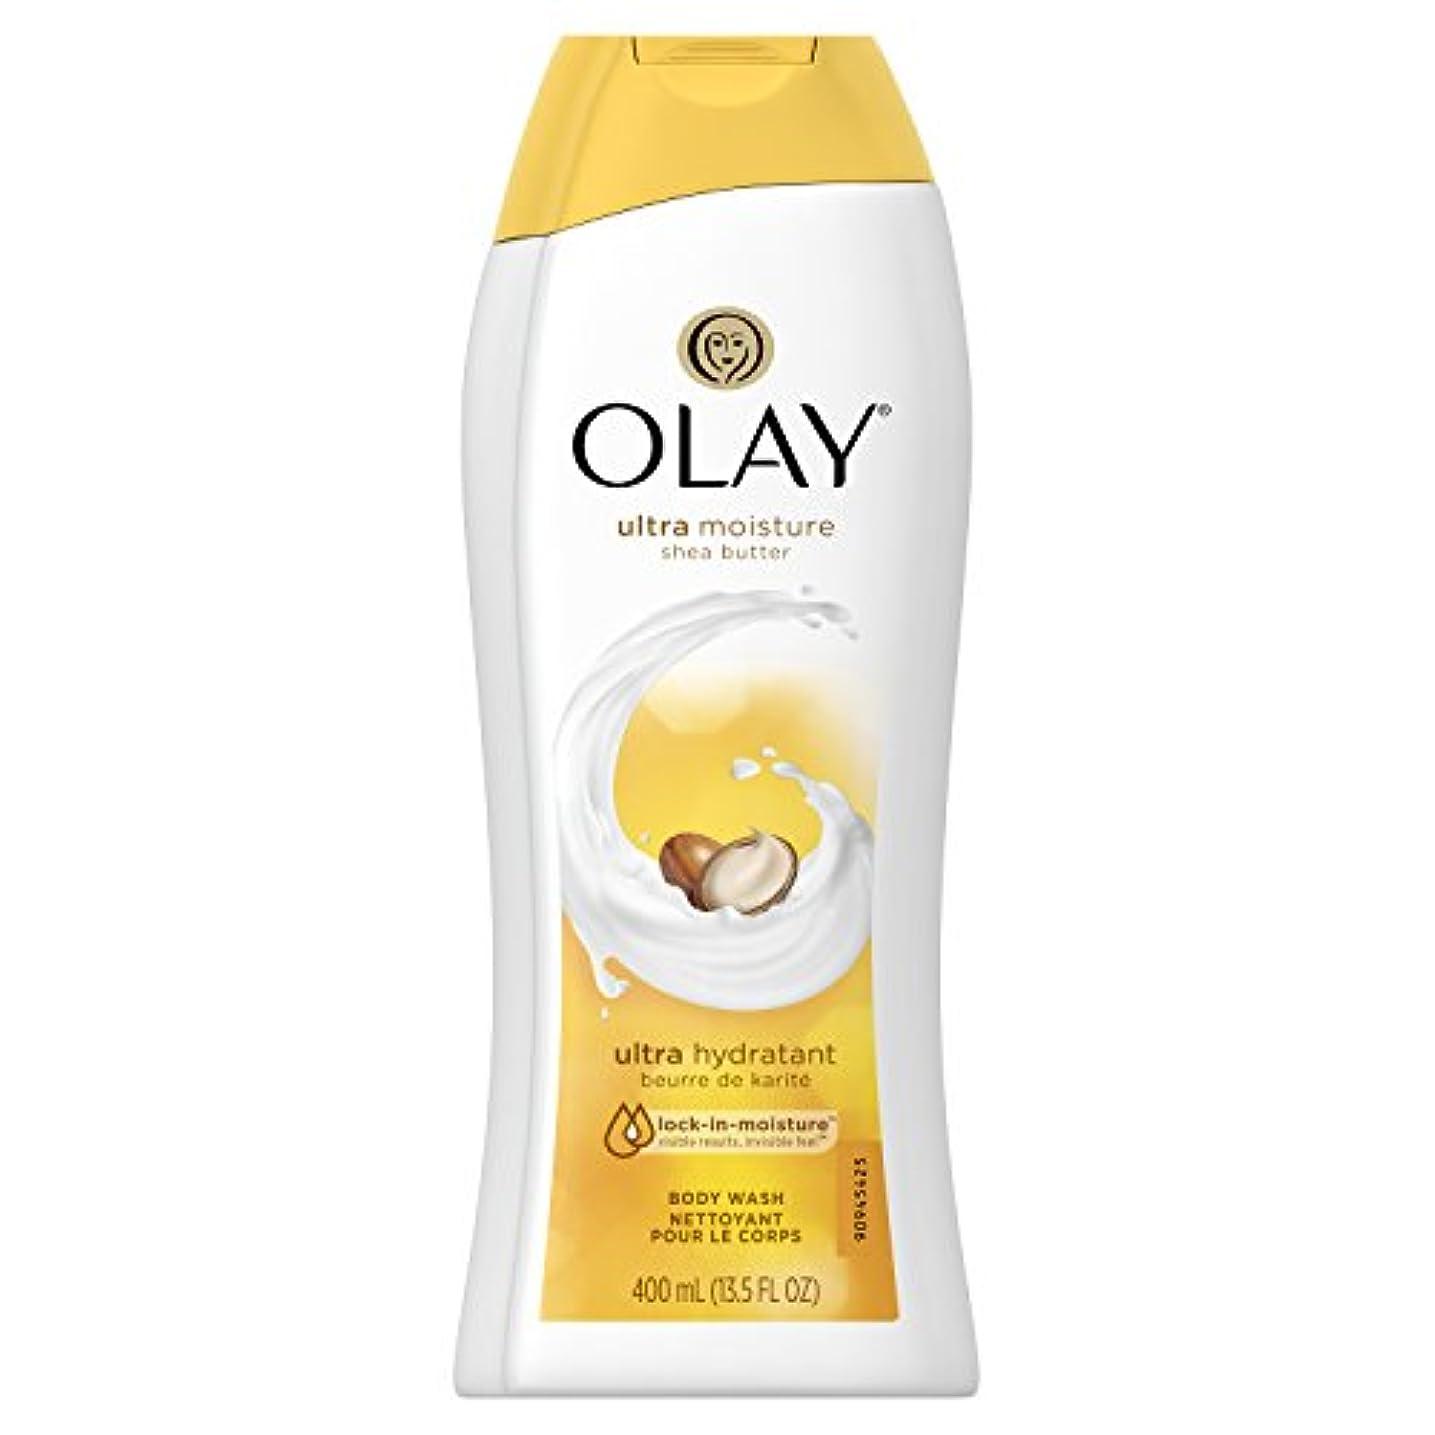 しっかりめまいあるOlay Ultra Moisture Moisturizing Body Wash With Shea Butter, 13.5 oz. 2本セット